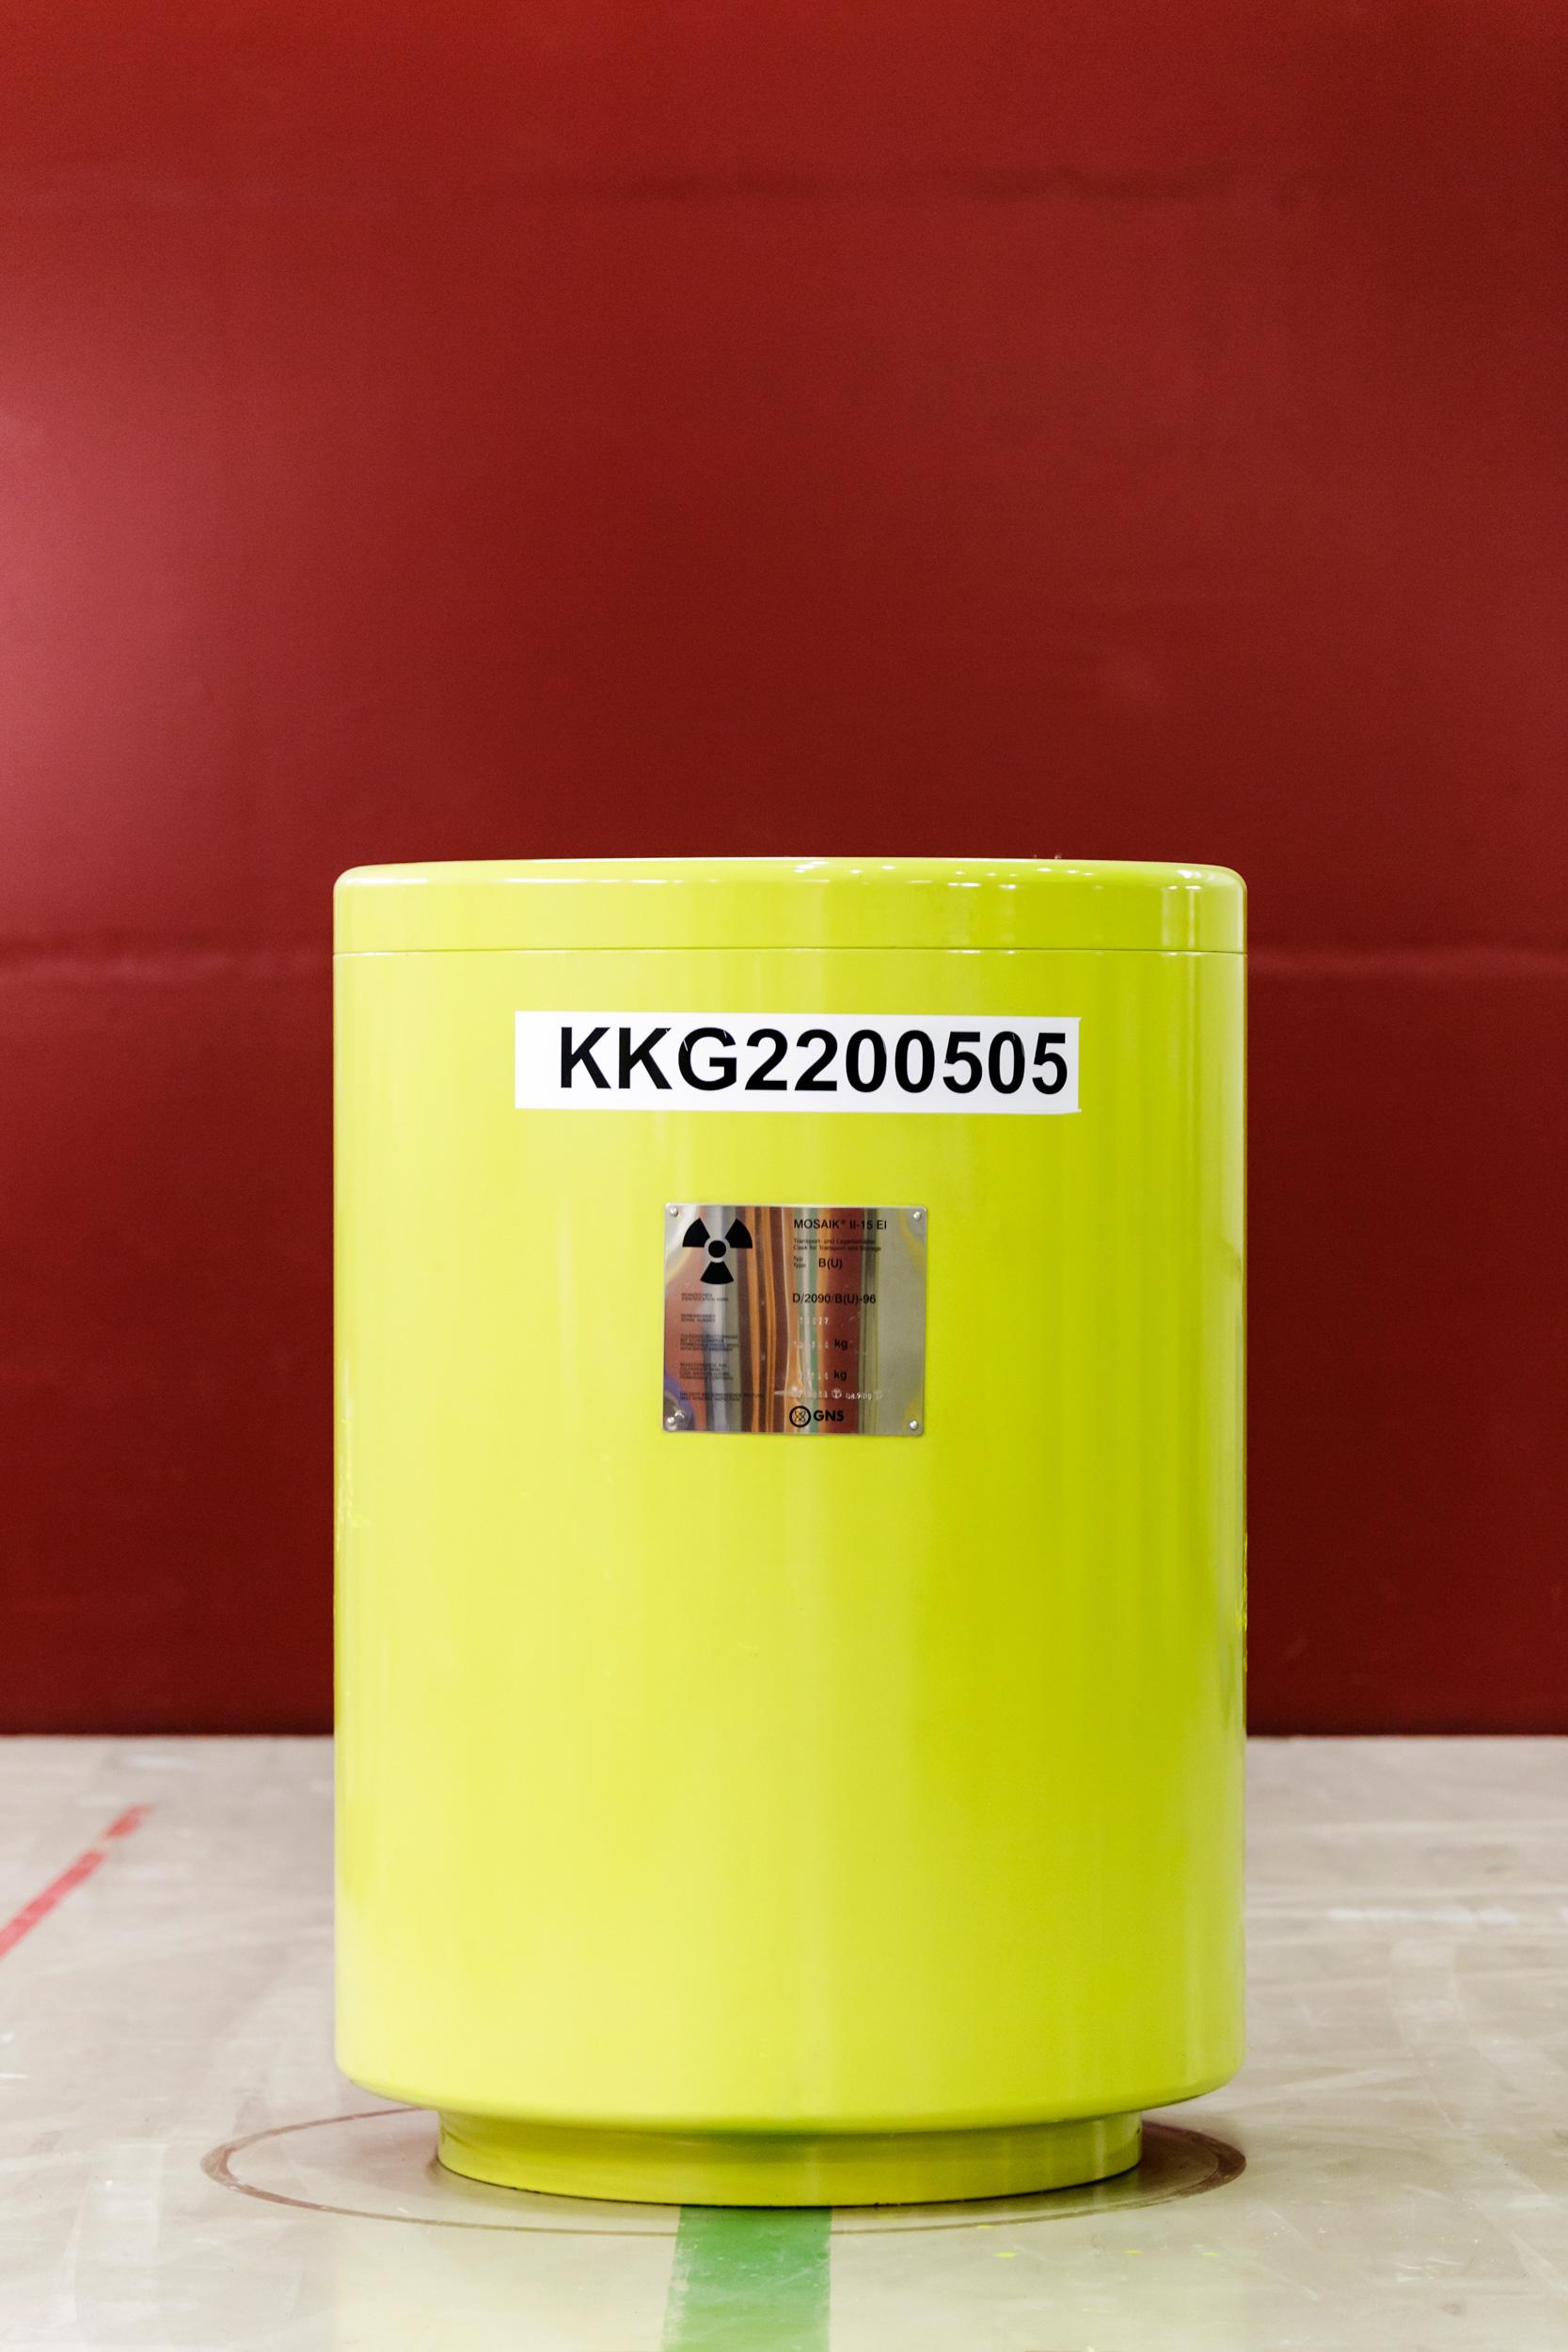 kkg597